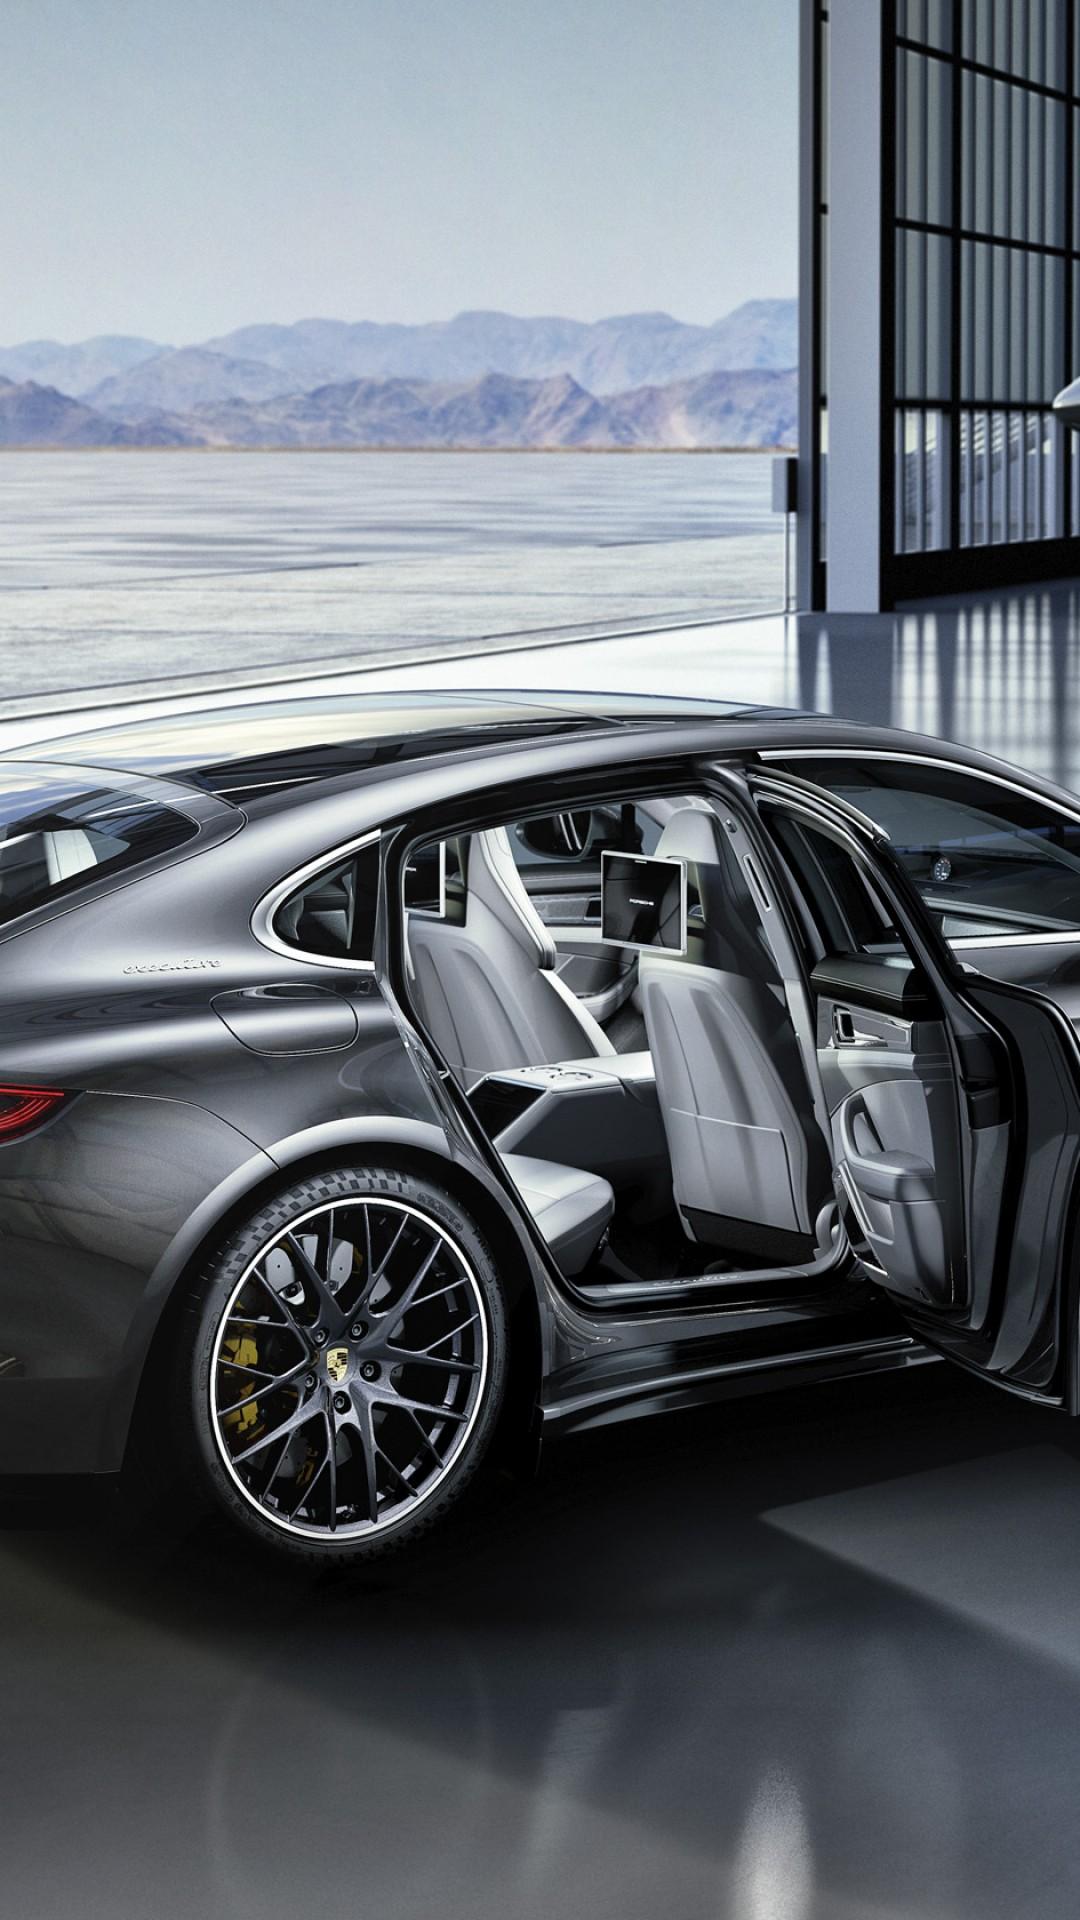 Porsche Panamera Interior >> Wallpaper Porsche Panamera Turbo, silver, interior, Cars & Bikes #12766